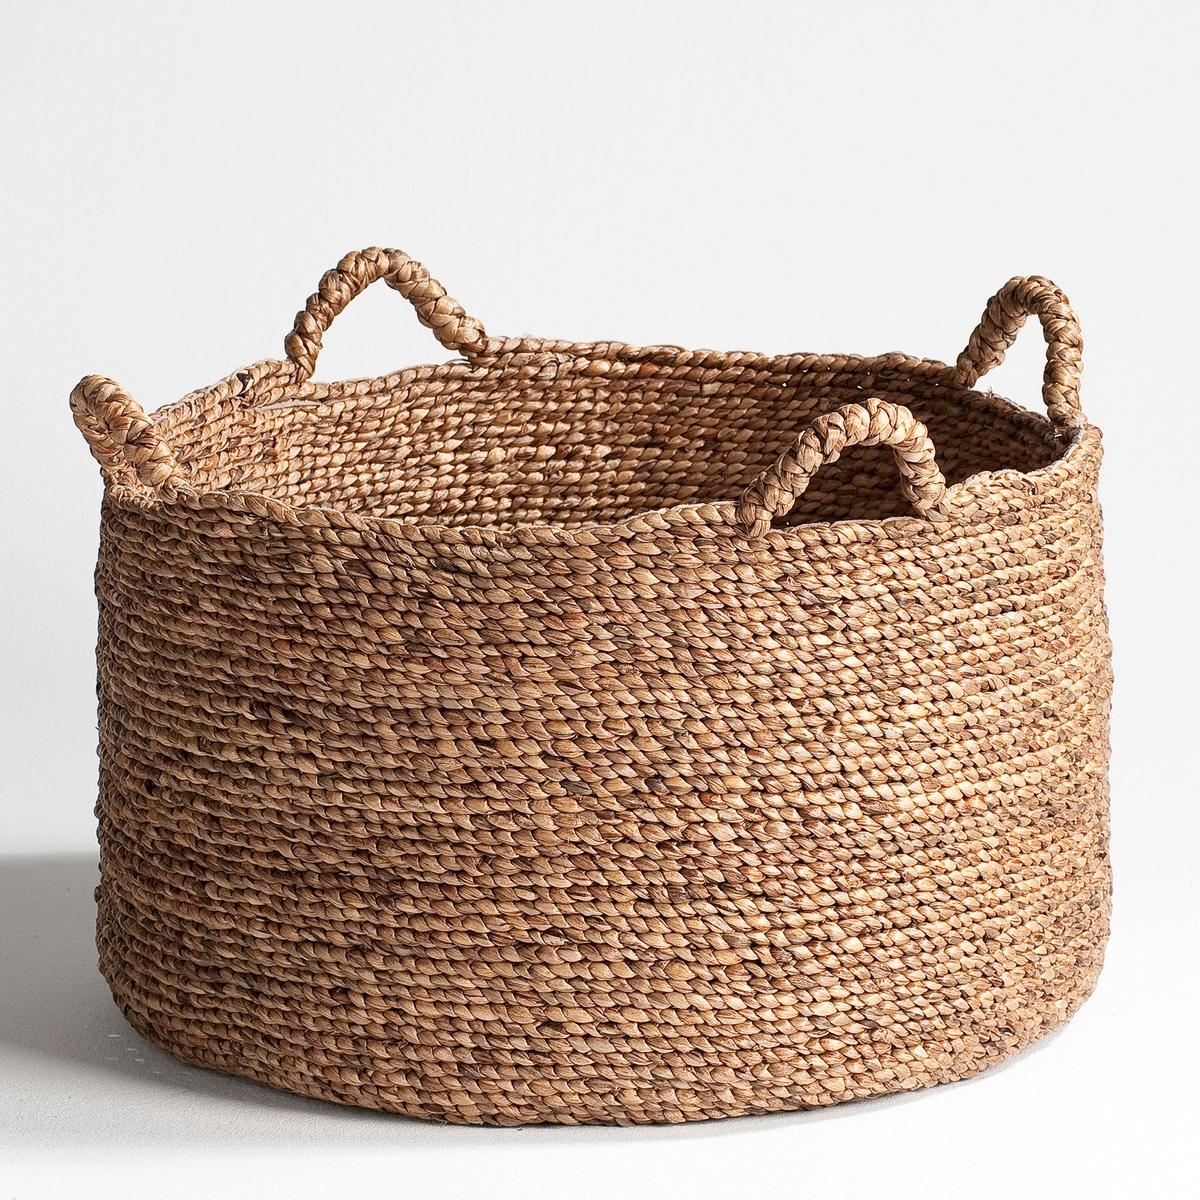 Круглая плетеная корзина В37 см, RagaКруглая плетеная корзина Raga. Красивая корзина подходит как для хранения журналов в гостиной, так и для игрушек в спальне.          Характеристики :- Из мягких плетеных волокон эйхорнии.     - 4 ручки.     - Ручная работа.          Размеры :- ?50 x В.37 см..<br><br>Цвет: серо-бежевый<br>Размер: 50x37